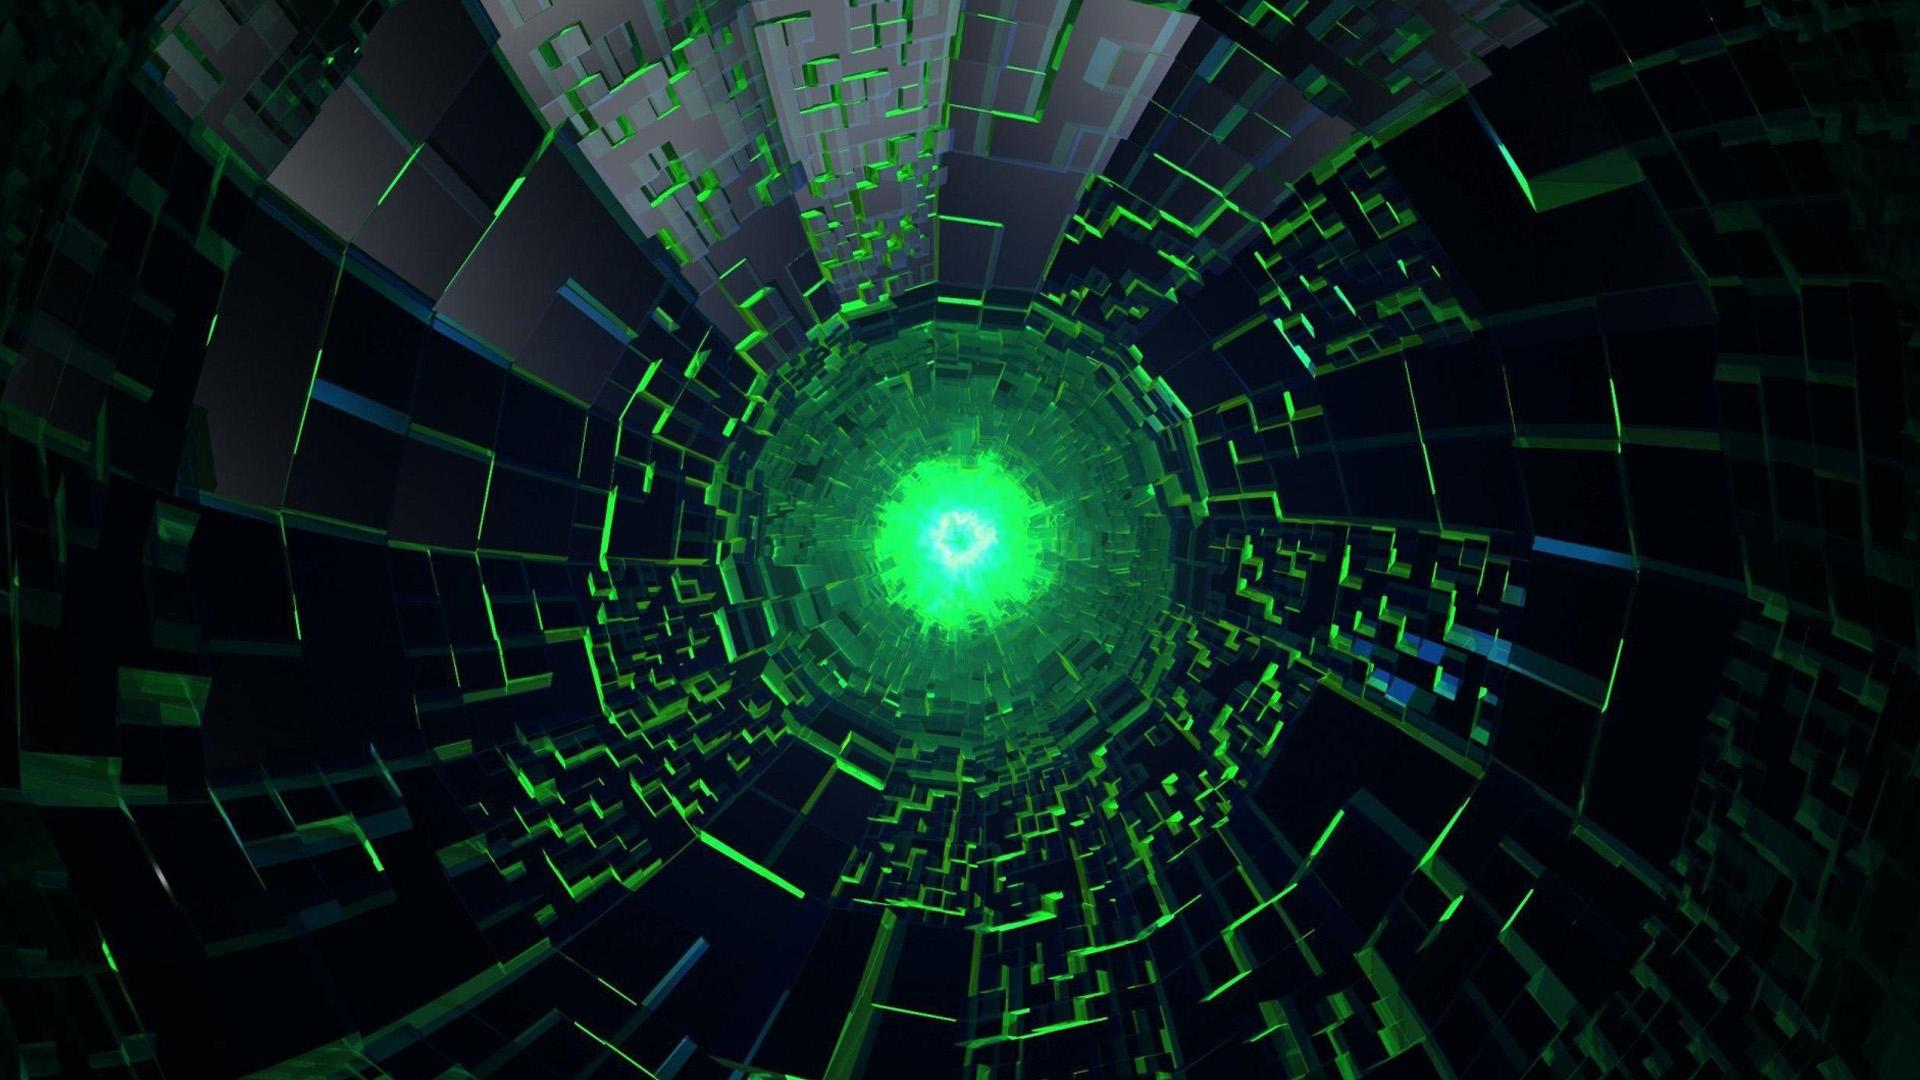 green neon desktop images